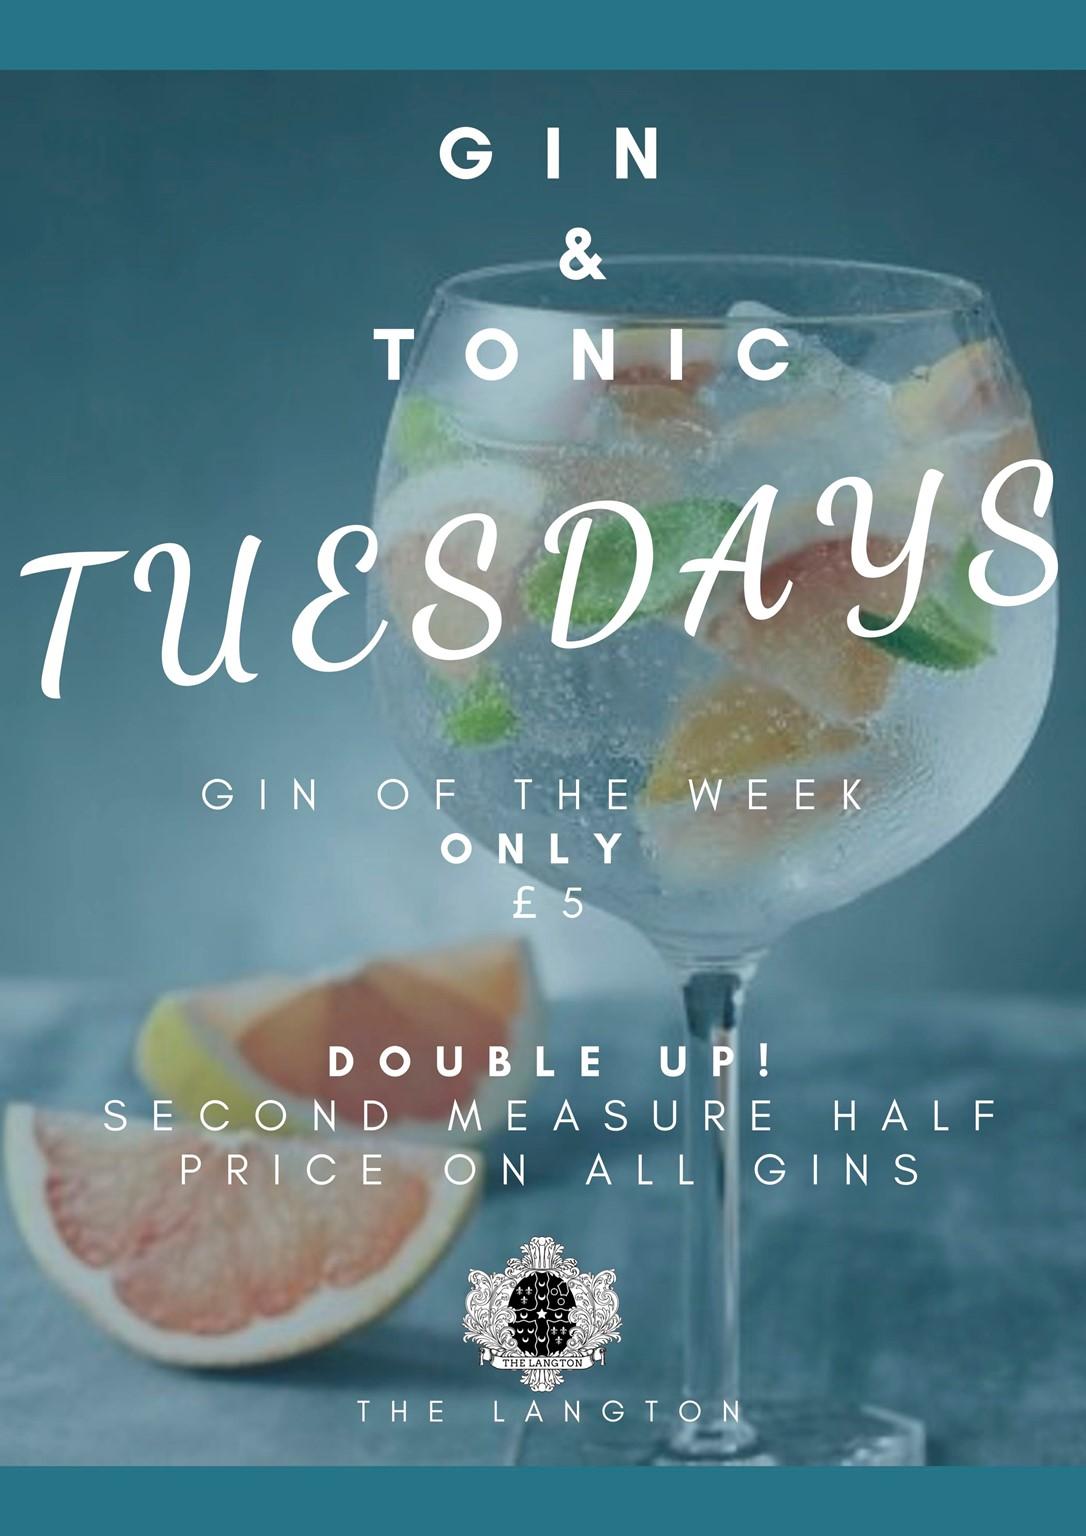 Gin & Tonic Tuesdays